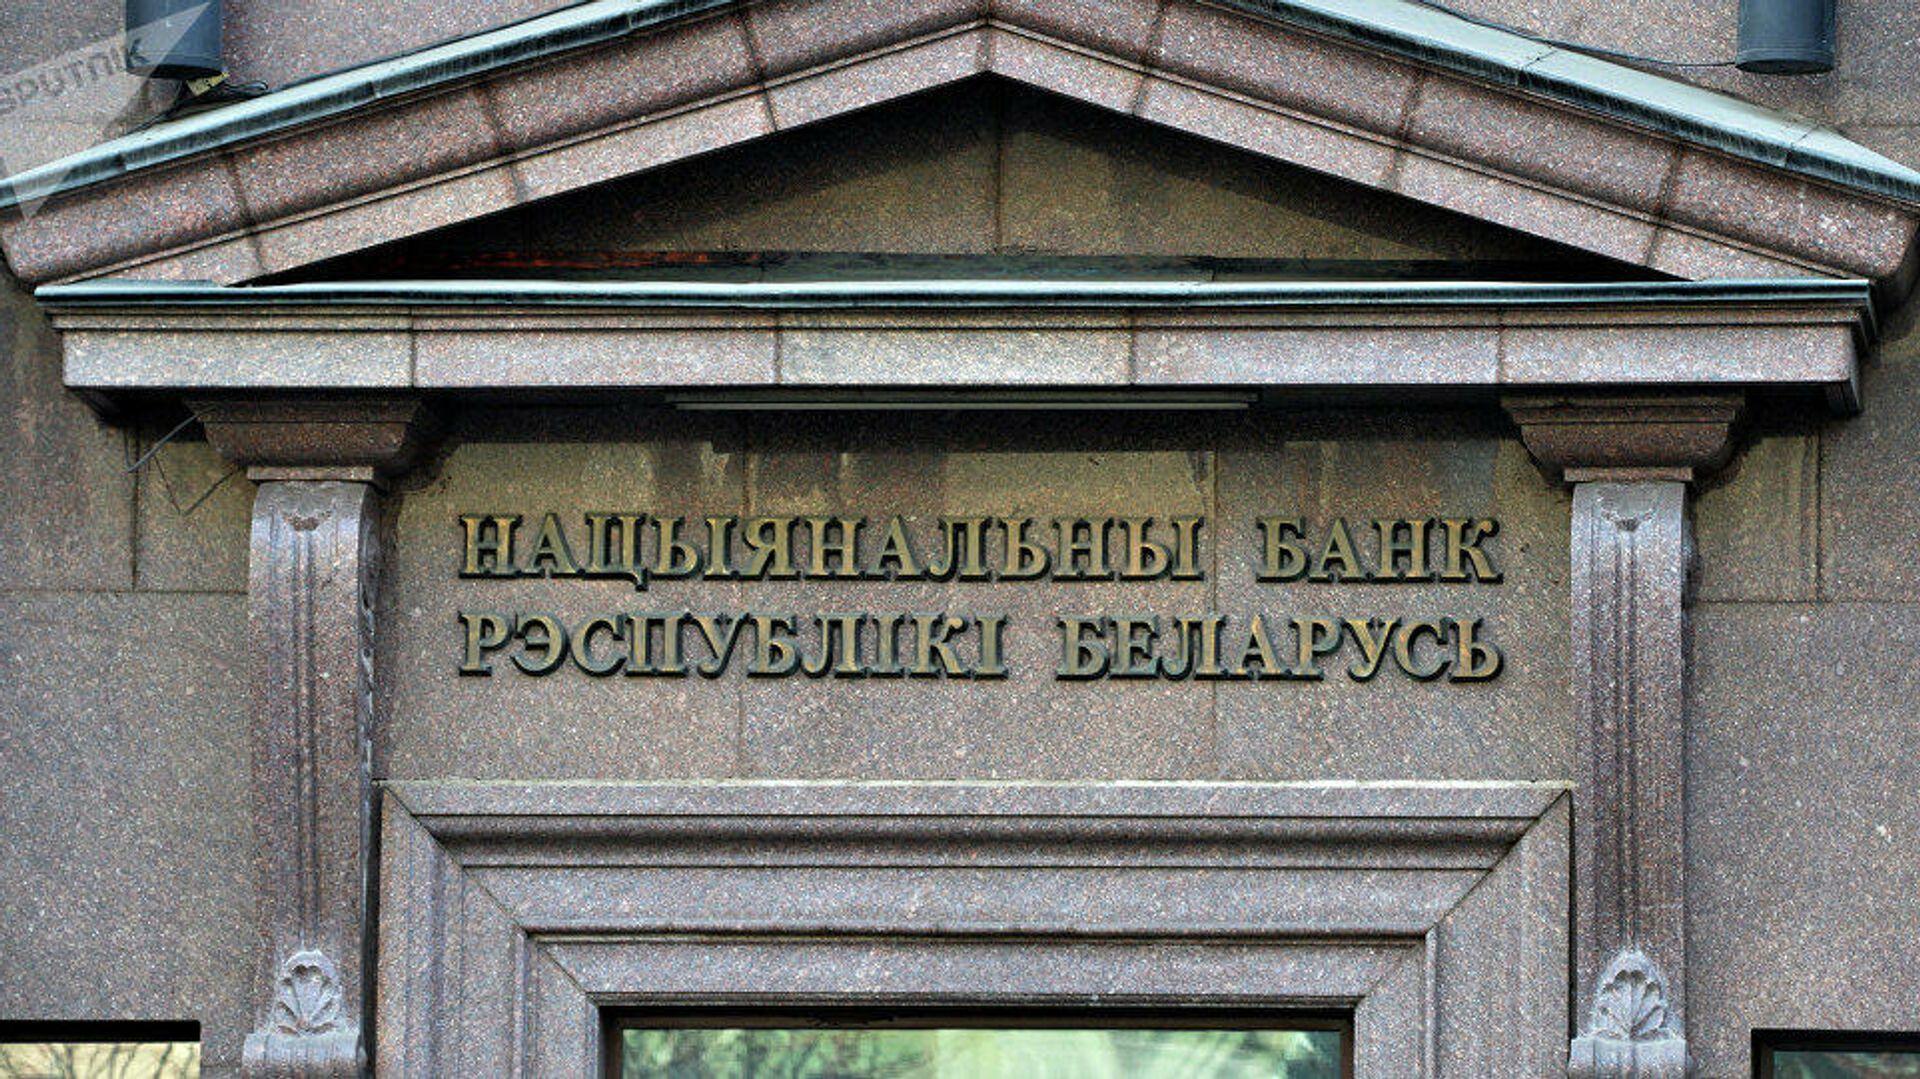 Национальный банк Белоруссии - РИА Новости, 1920, 26.10.2020